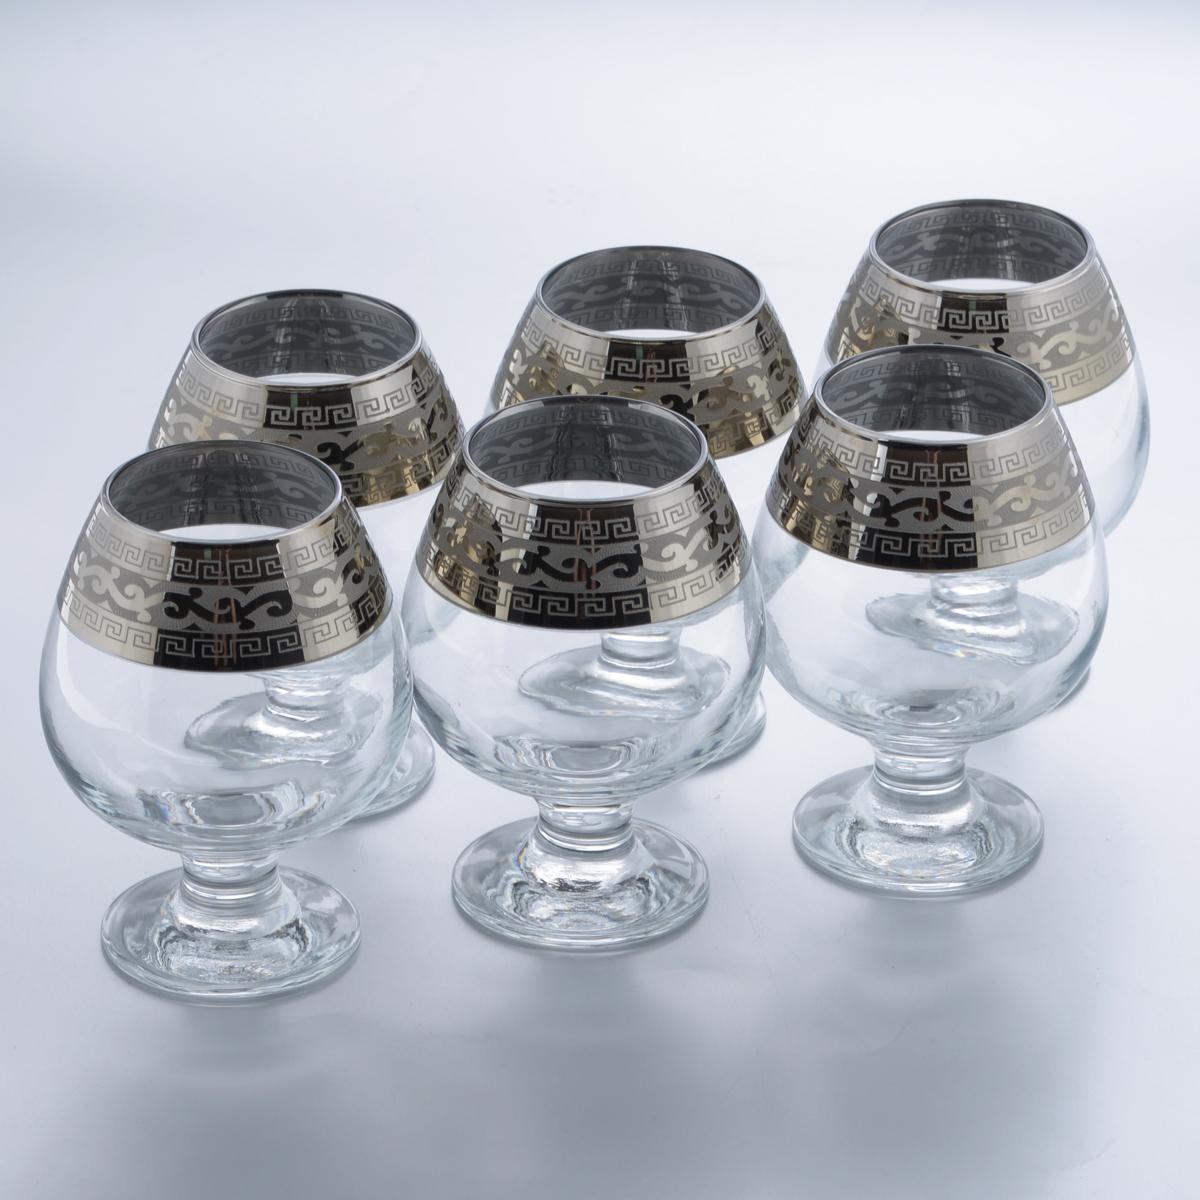 Набор бокалов для бренди Гусь-Хрустальный Версаче, 400 мл, 6 шт набор 6 бокалов юнона с рисунком версаче 210 мл